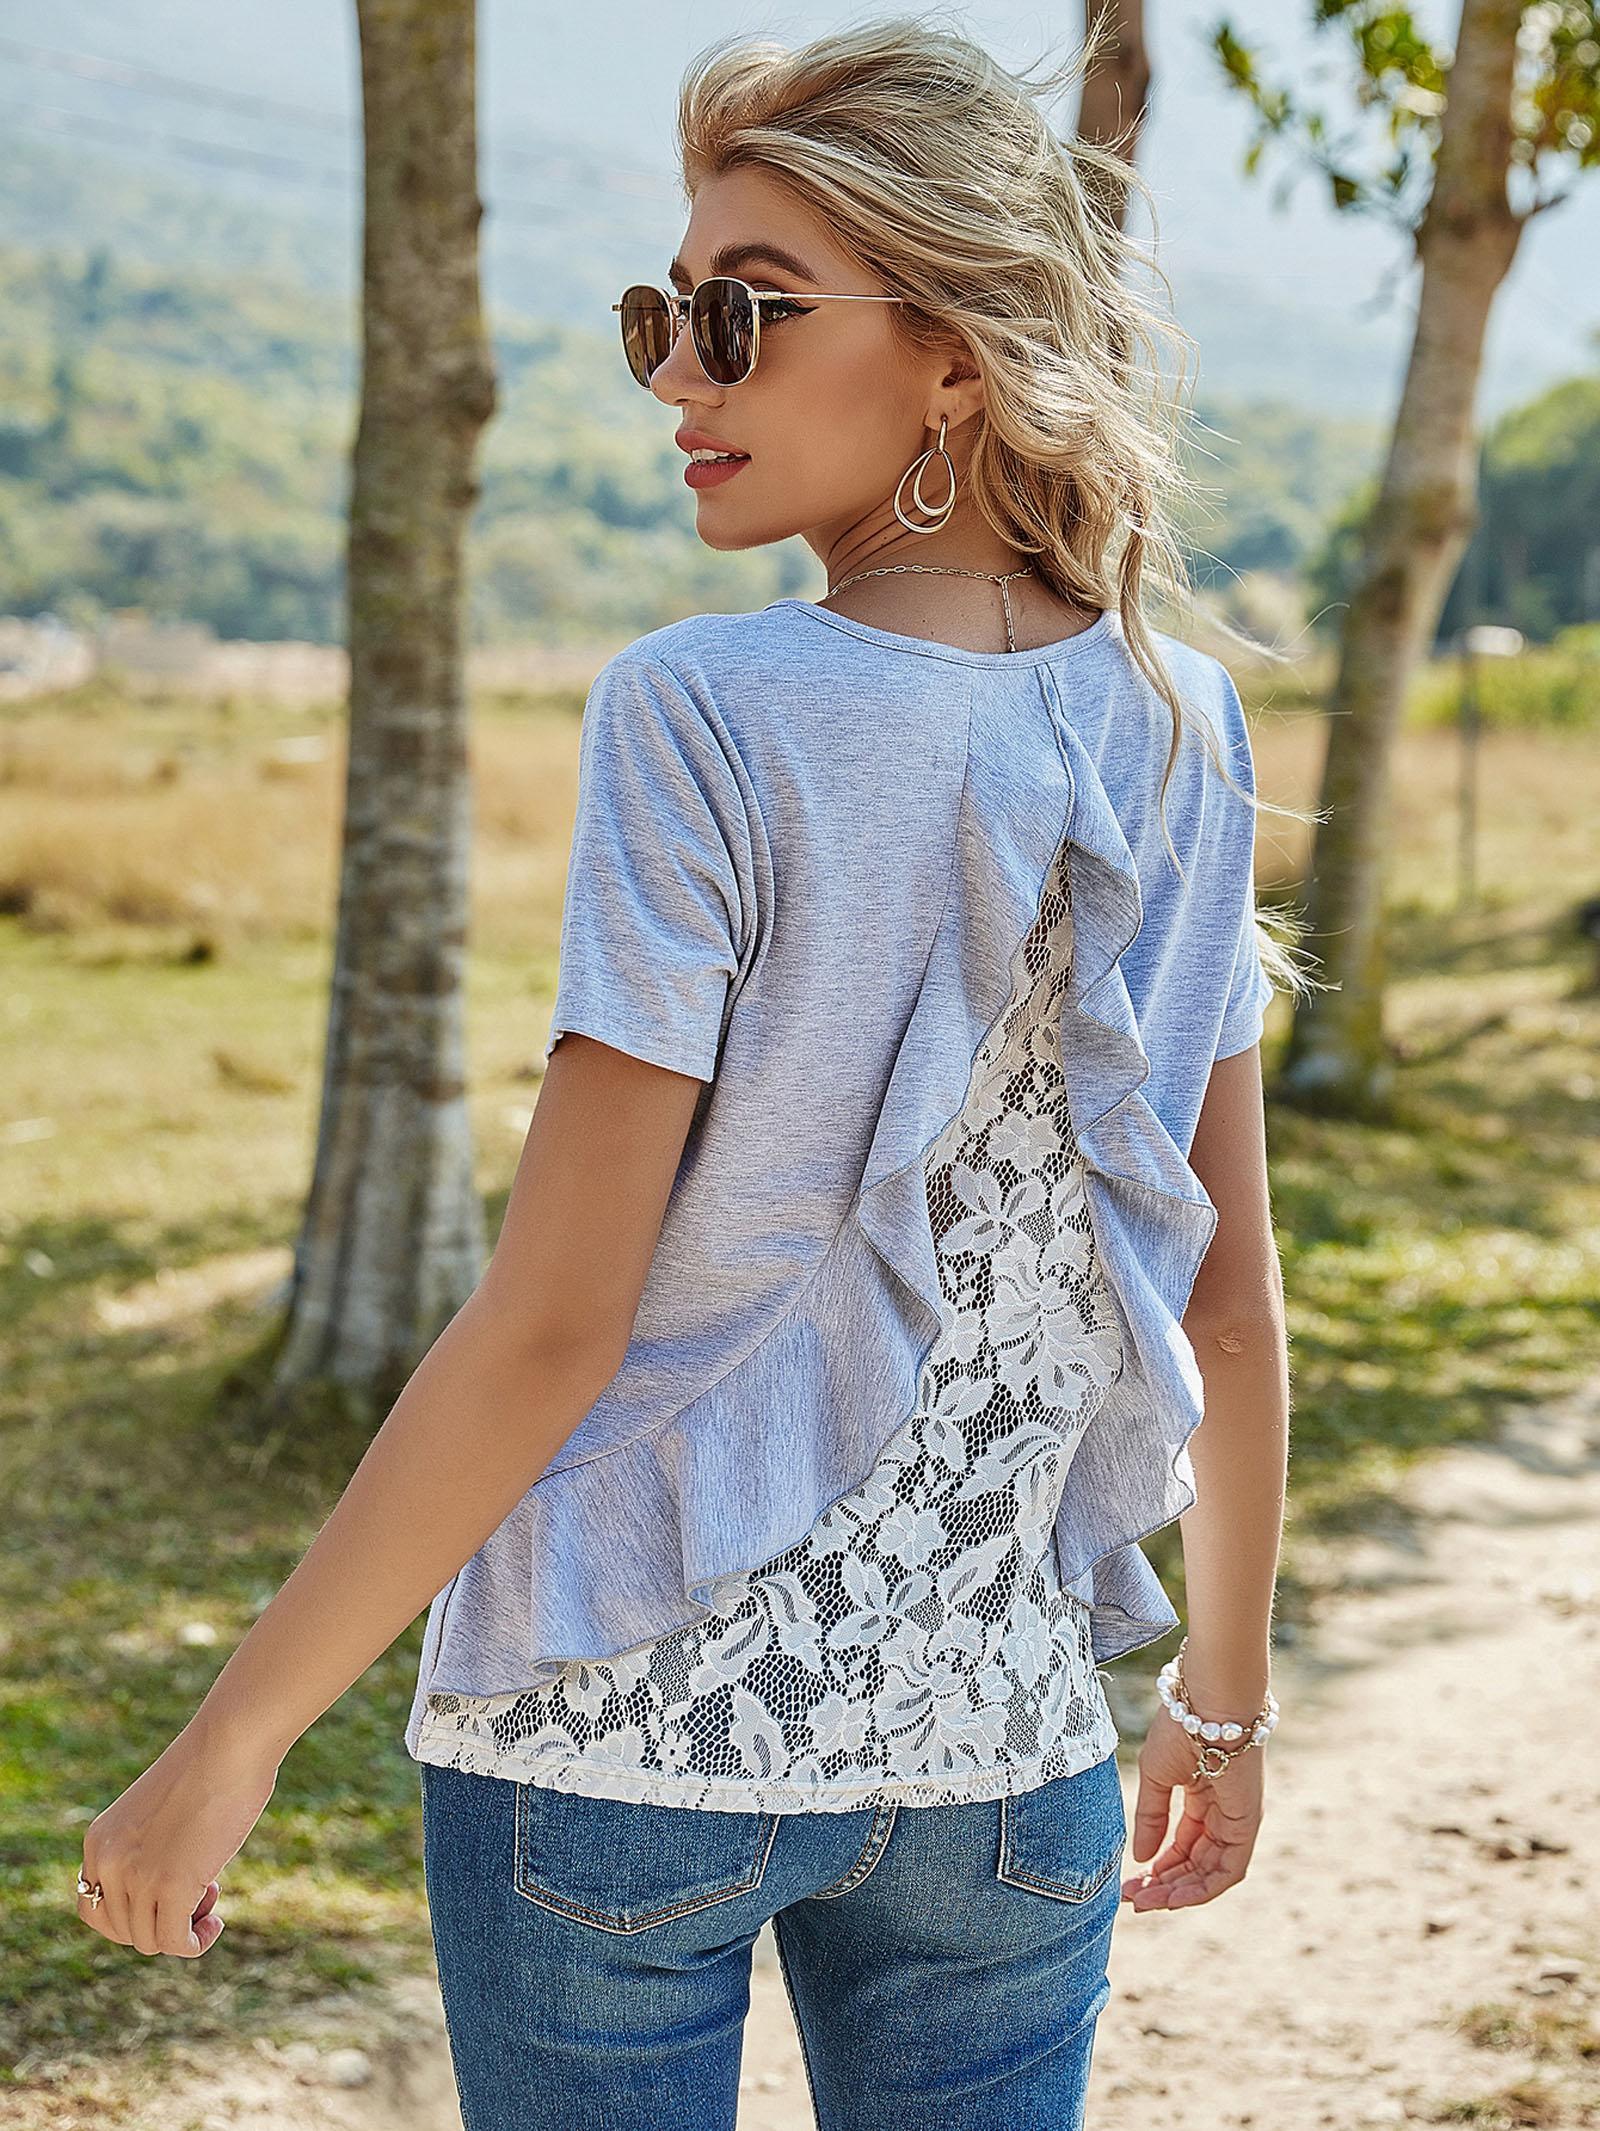 여름 여성 레이스 스티치 귀여운 티셔츠 패션 라운드 목 HOON Girls Tops Tee Blouse 짧은 소매 Womens Shirt 8075